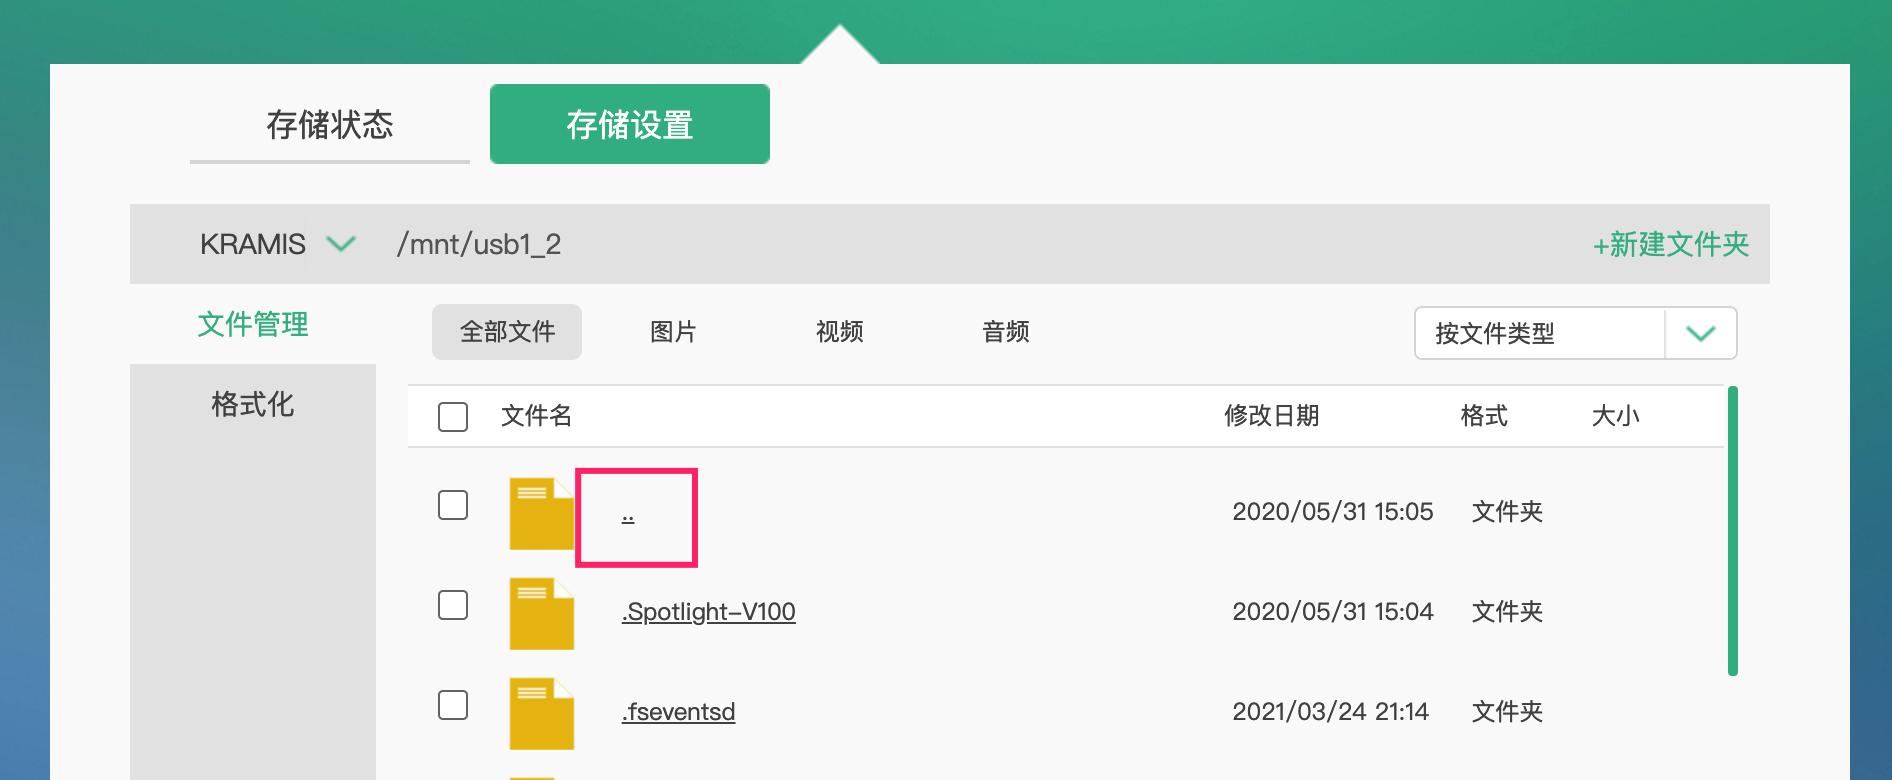 天翼网关PT926E获取超级管理员账号